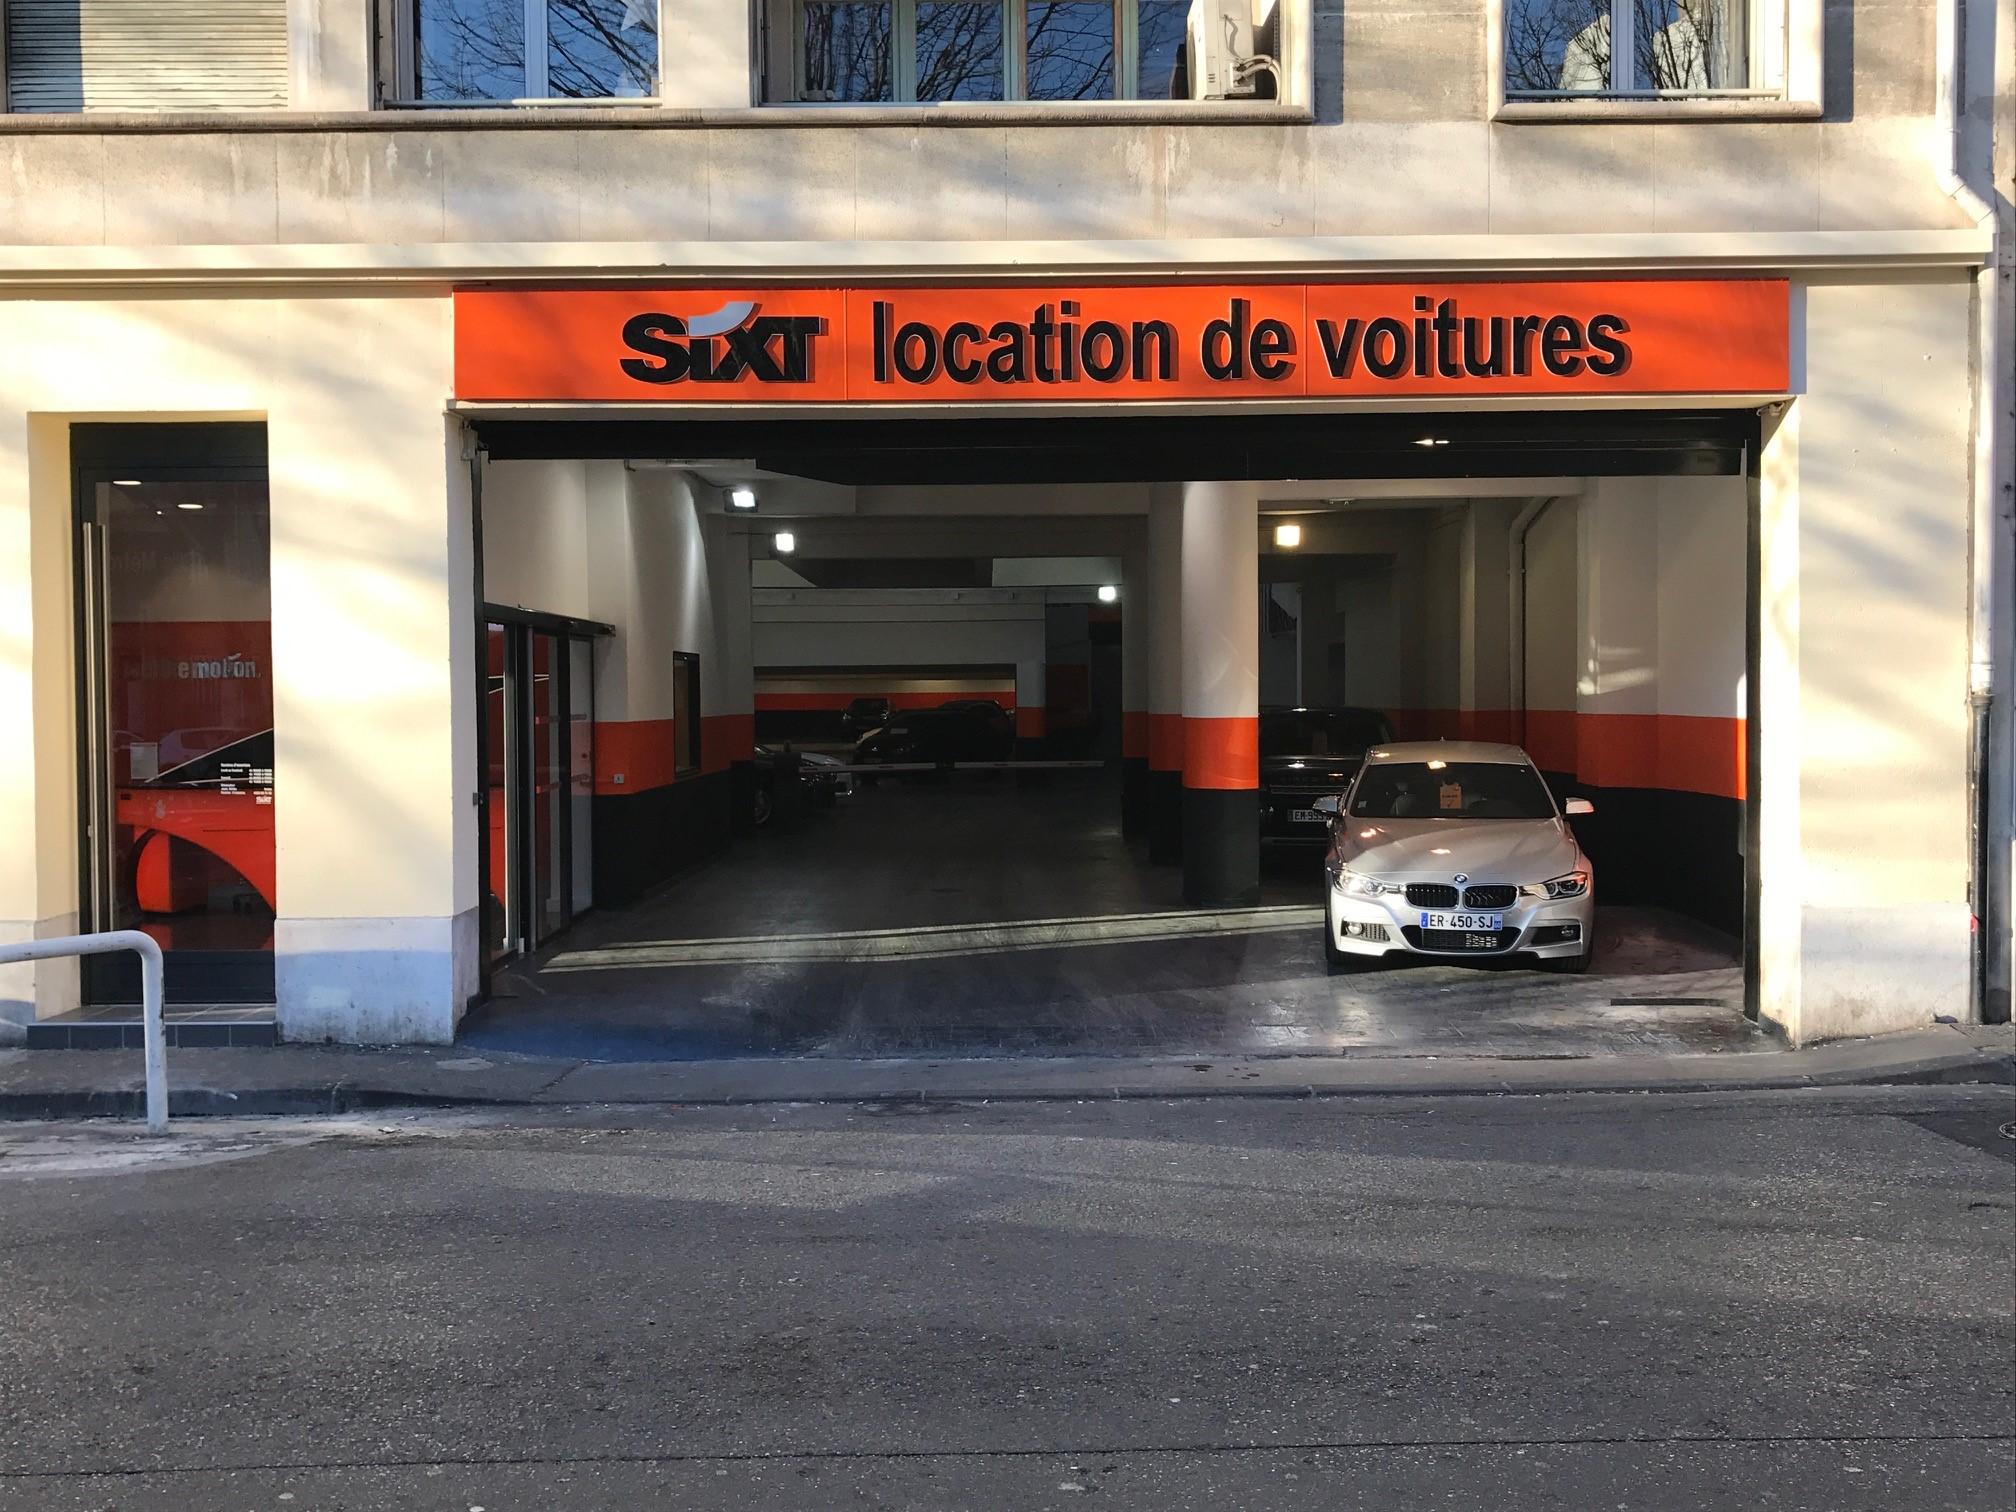 Sixt location de voitures